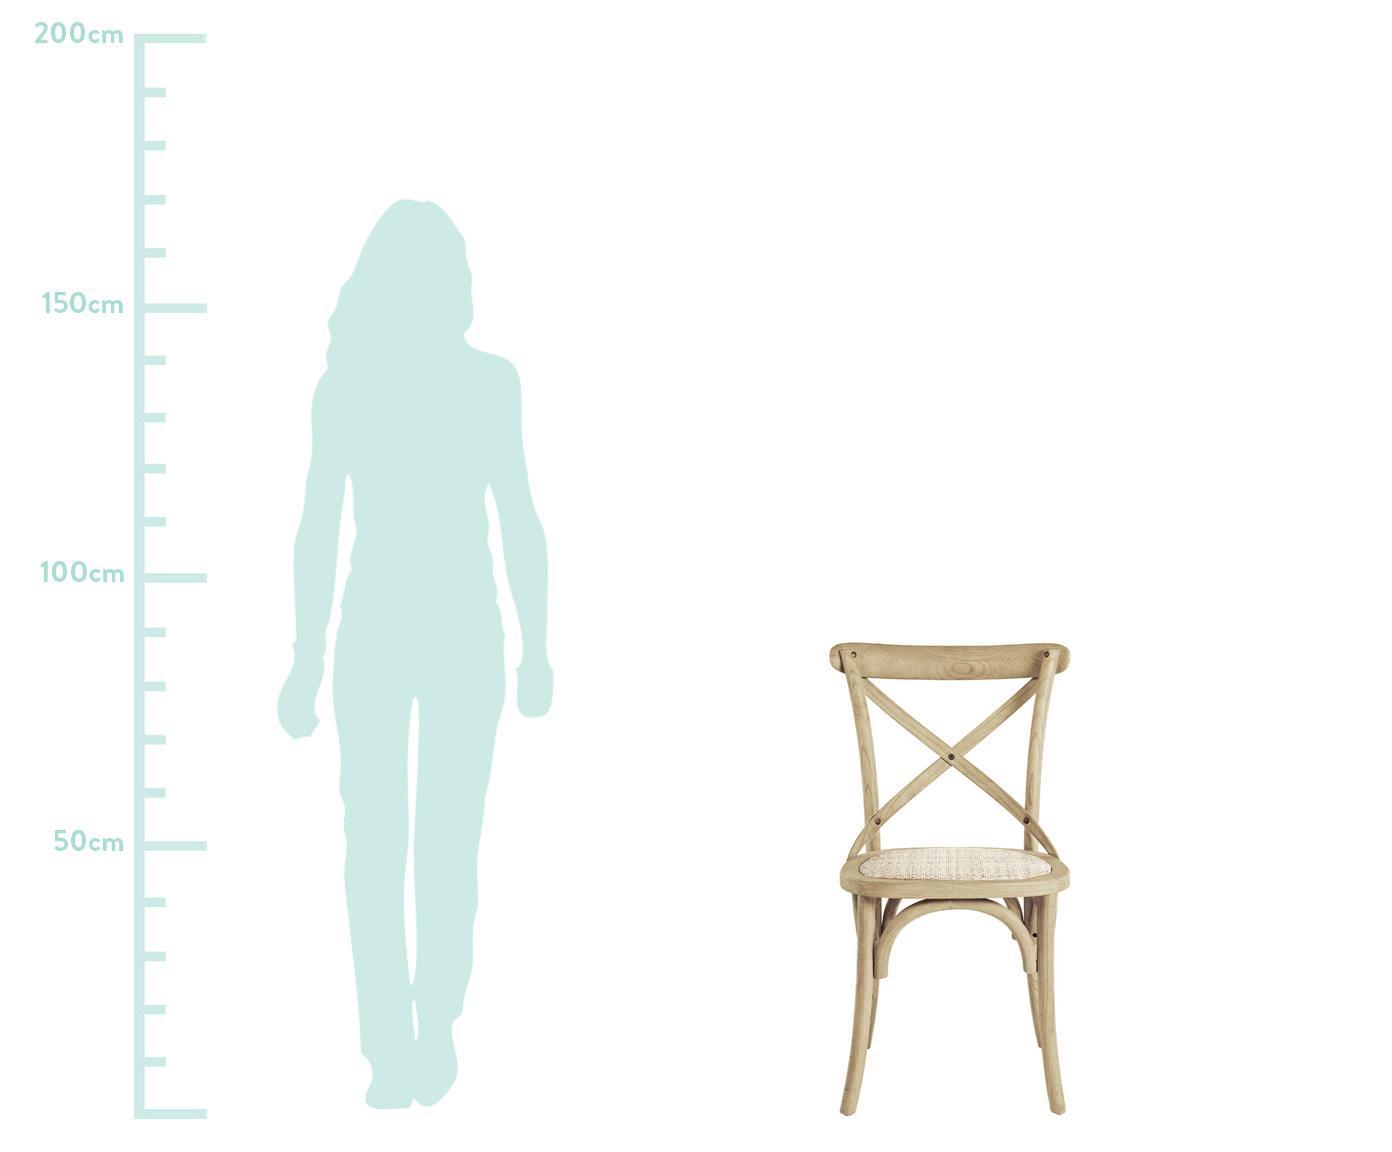 Krzesło Cross, Stelaż: drewno wiązowe, jasno lak, Rattan, drewno wiązowe, S 42 x G 46 cm